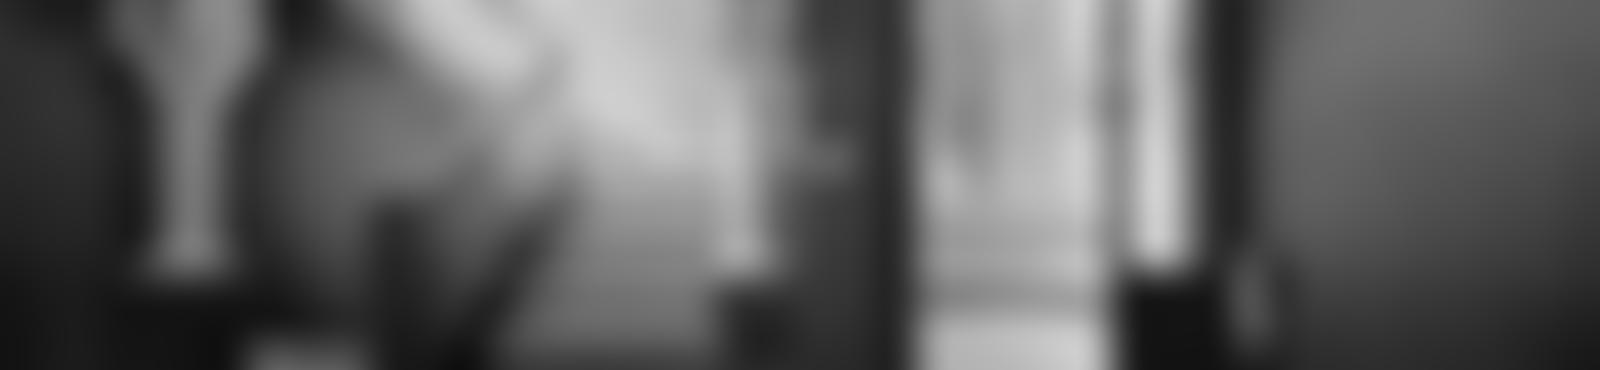 Blurred c70460f2 baac 419d a901 0c294516daa0